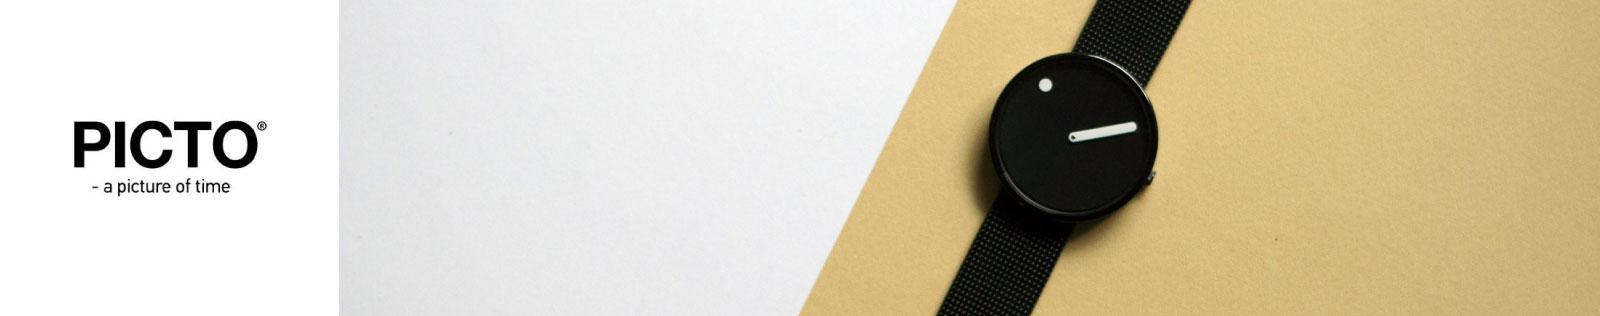 Picto-horloges-koop-je-bij-Wolters-Juweliers-Coevorden-Emmen